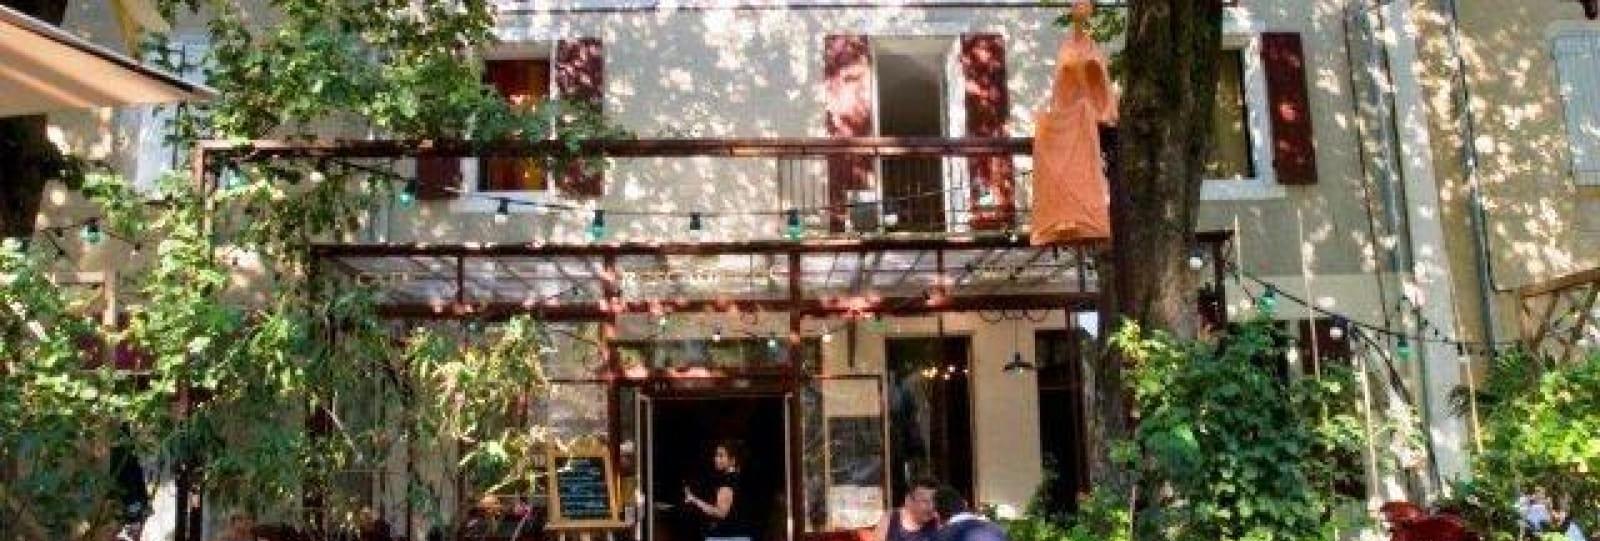 HOTEL RESTAURANT LES AUBERGISTES